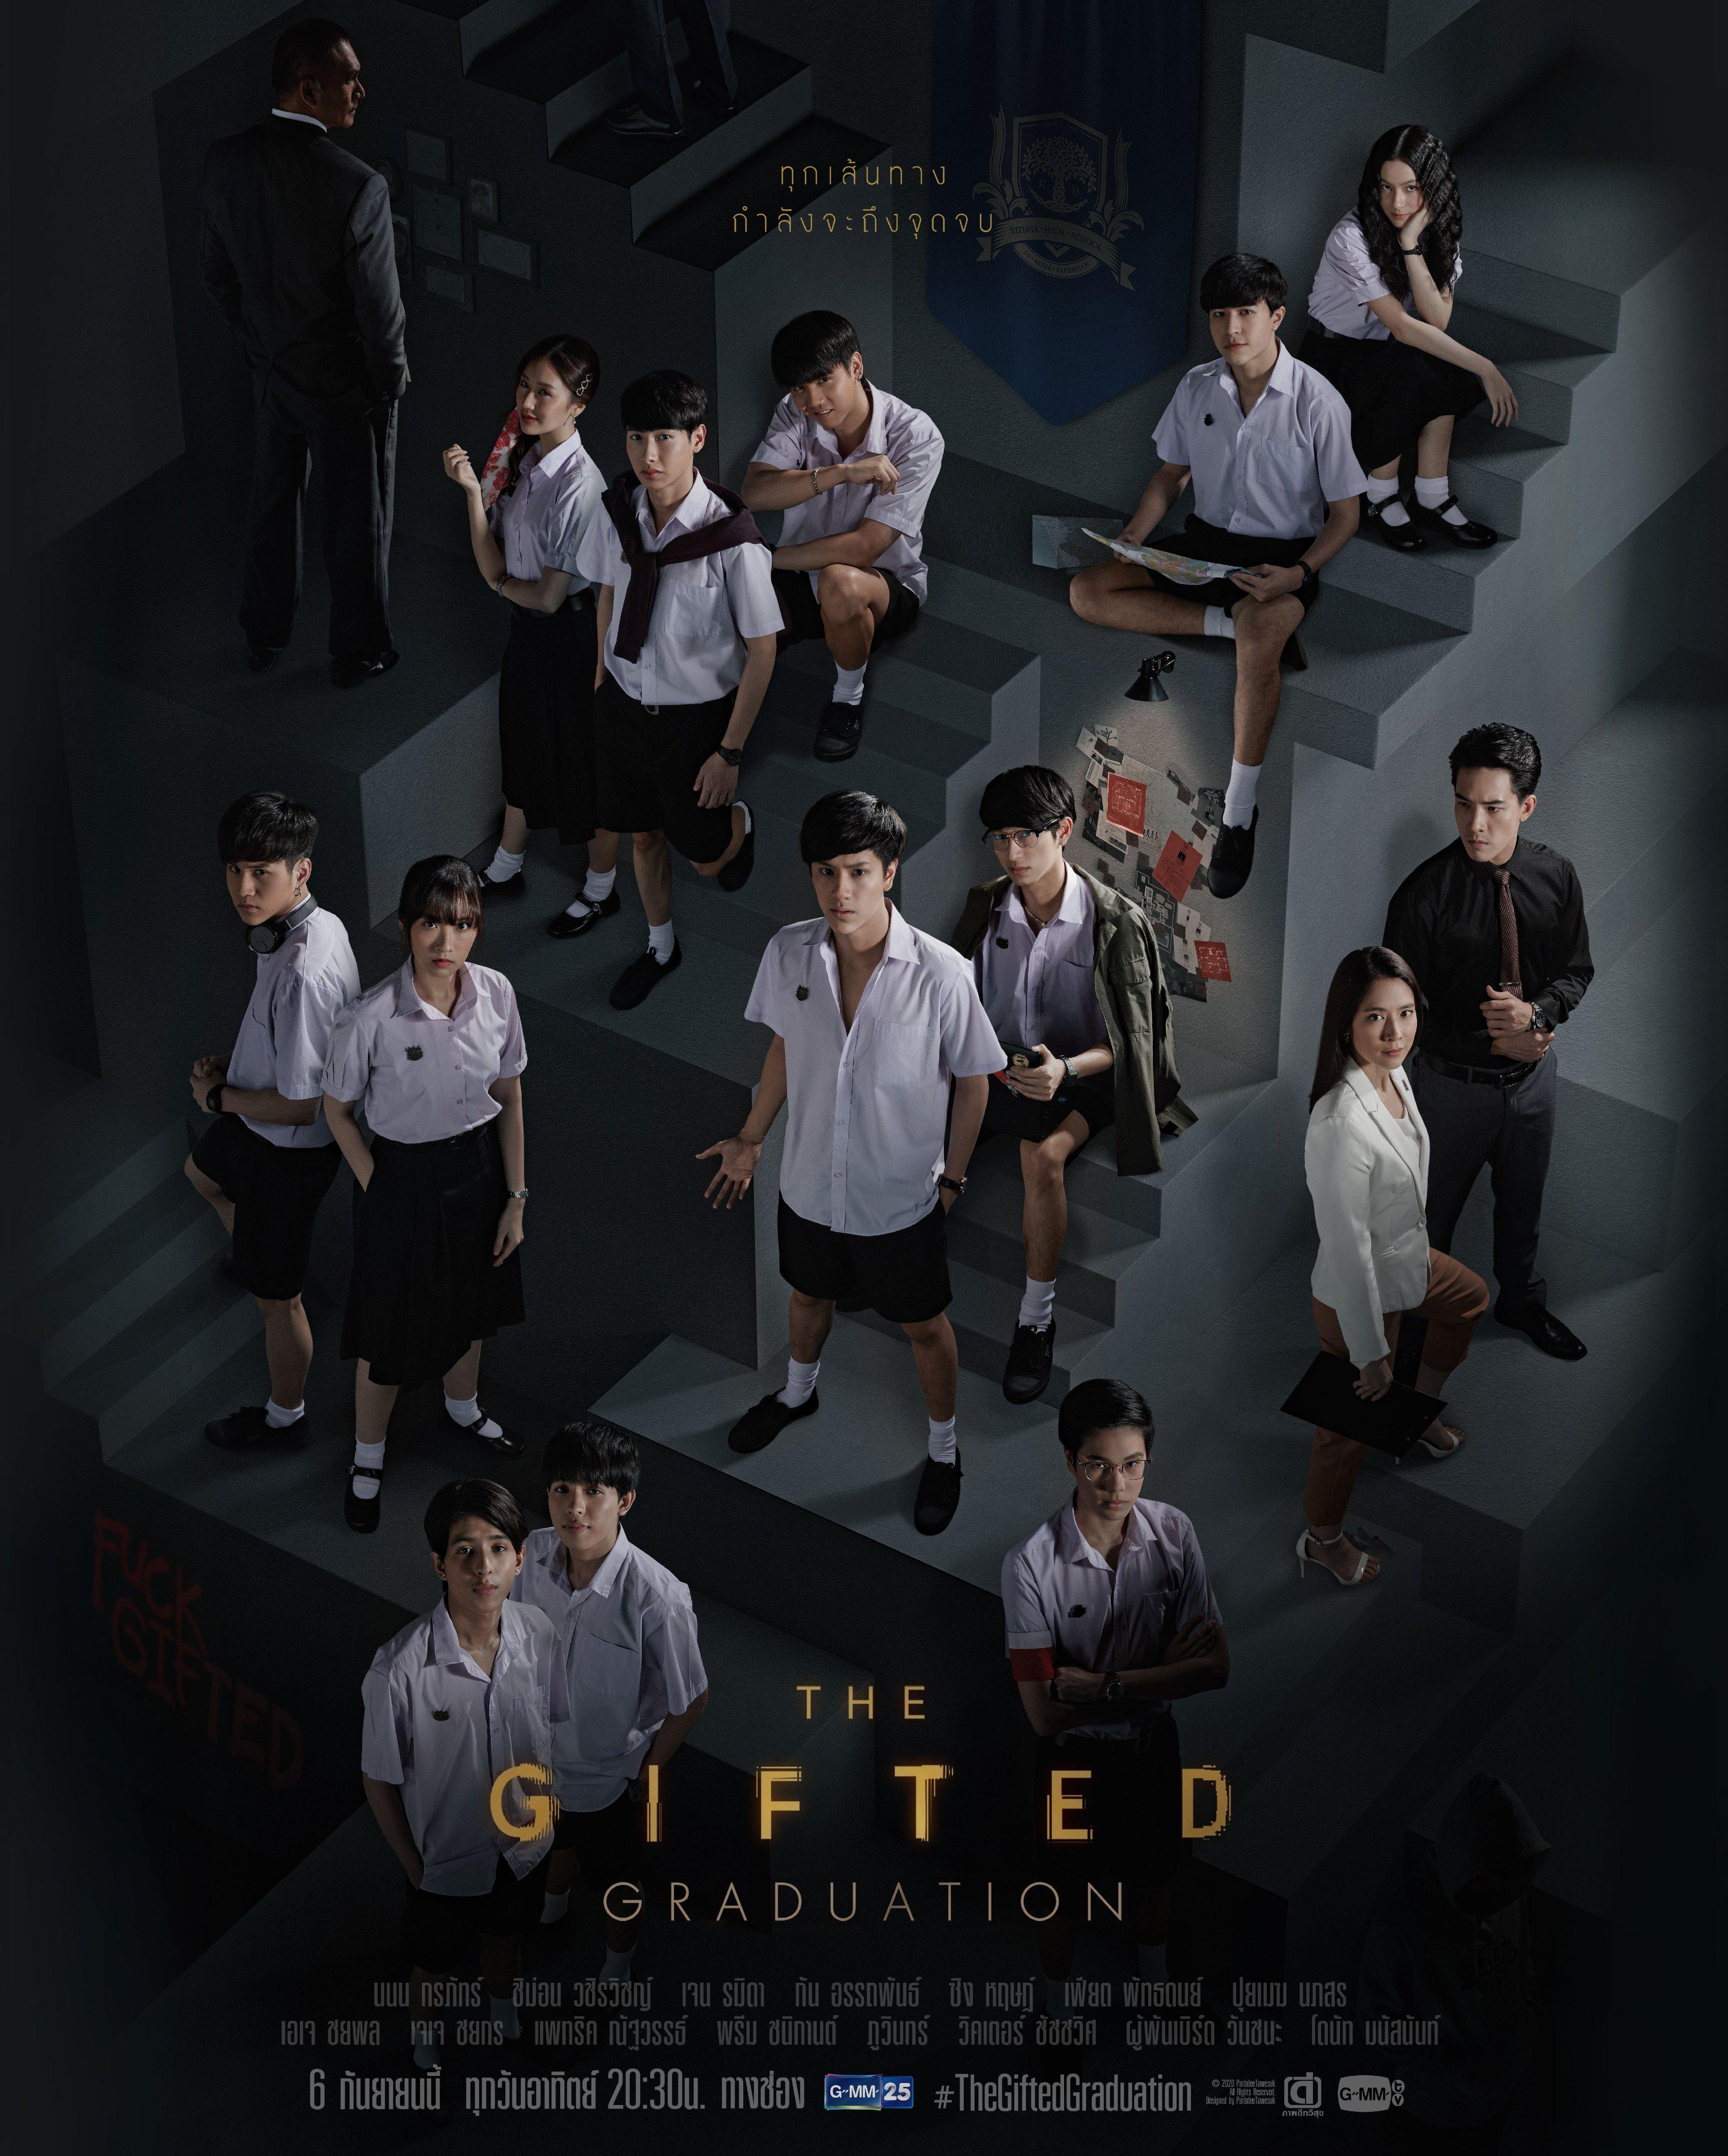 دانلود زیرنویس فارسی سریال The Gifted: Graduation